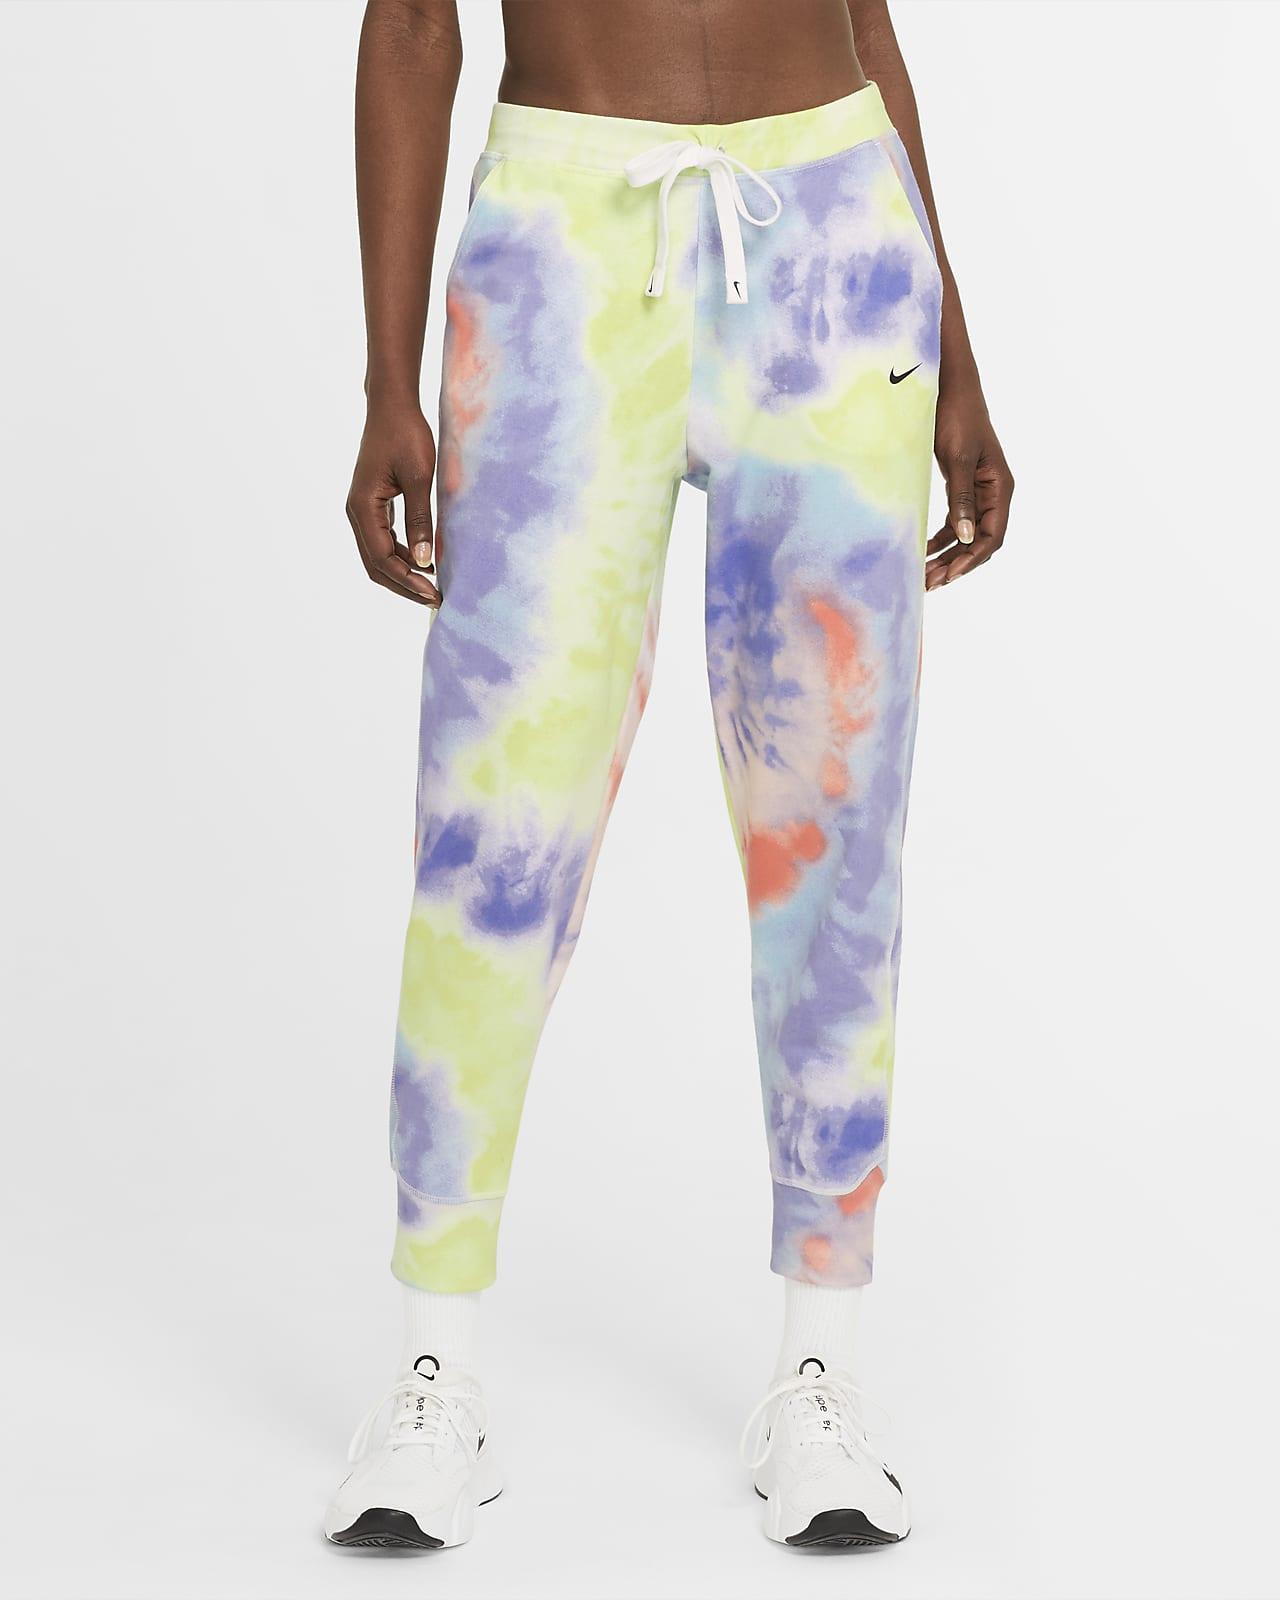 Pantalones de entrenamiento teñidos de 7/8 para mujer Nike Dri-FIT Get Fit